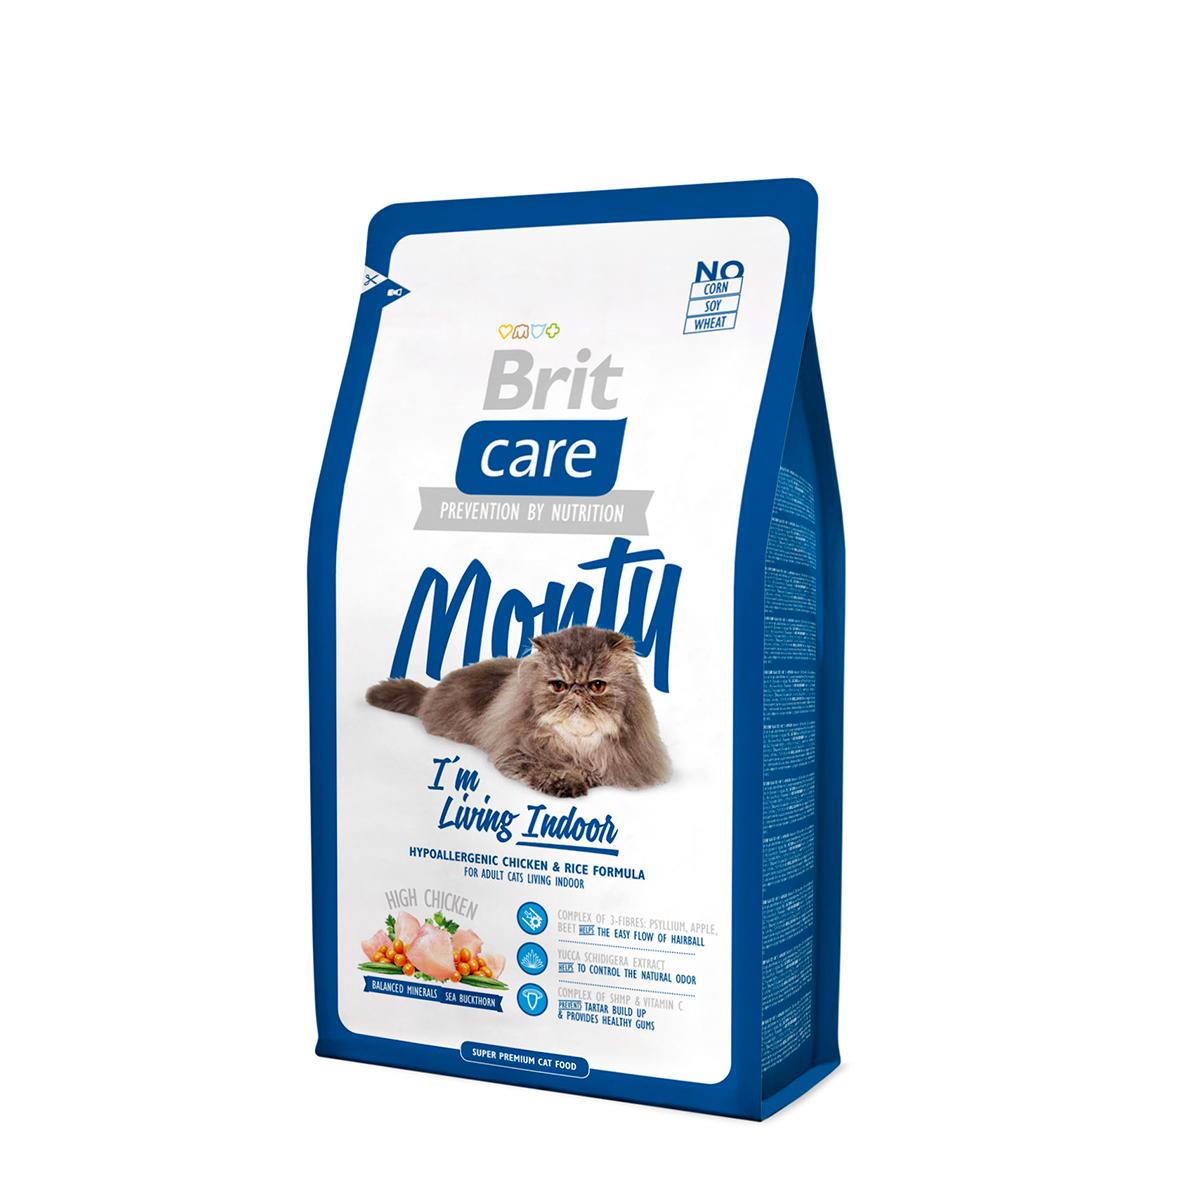 Корм сухой для кошек живущих в квартире Brit Care Monty Indoor, 7 кг0120710Гипоаллергенный корм с курицей и рисом для взрослых кошек, живущих в доме Brit Care Monty Indoor. Высокое содержание мяса. Сбалансированный минеральный состав. Облепиха крушиновидная. Гипоаллергенный состав. Витамин С и гексаметафосфат натрия.